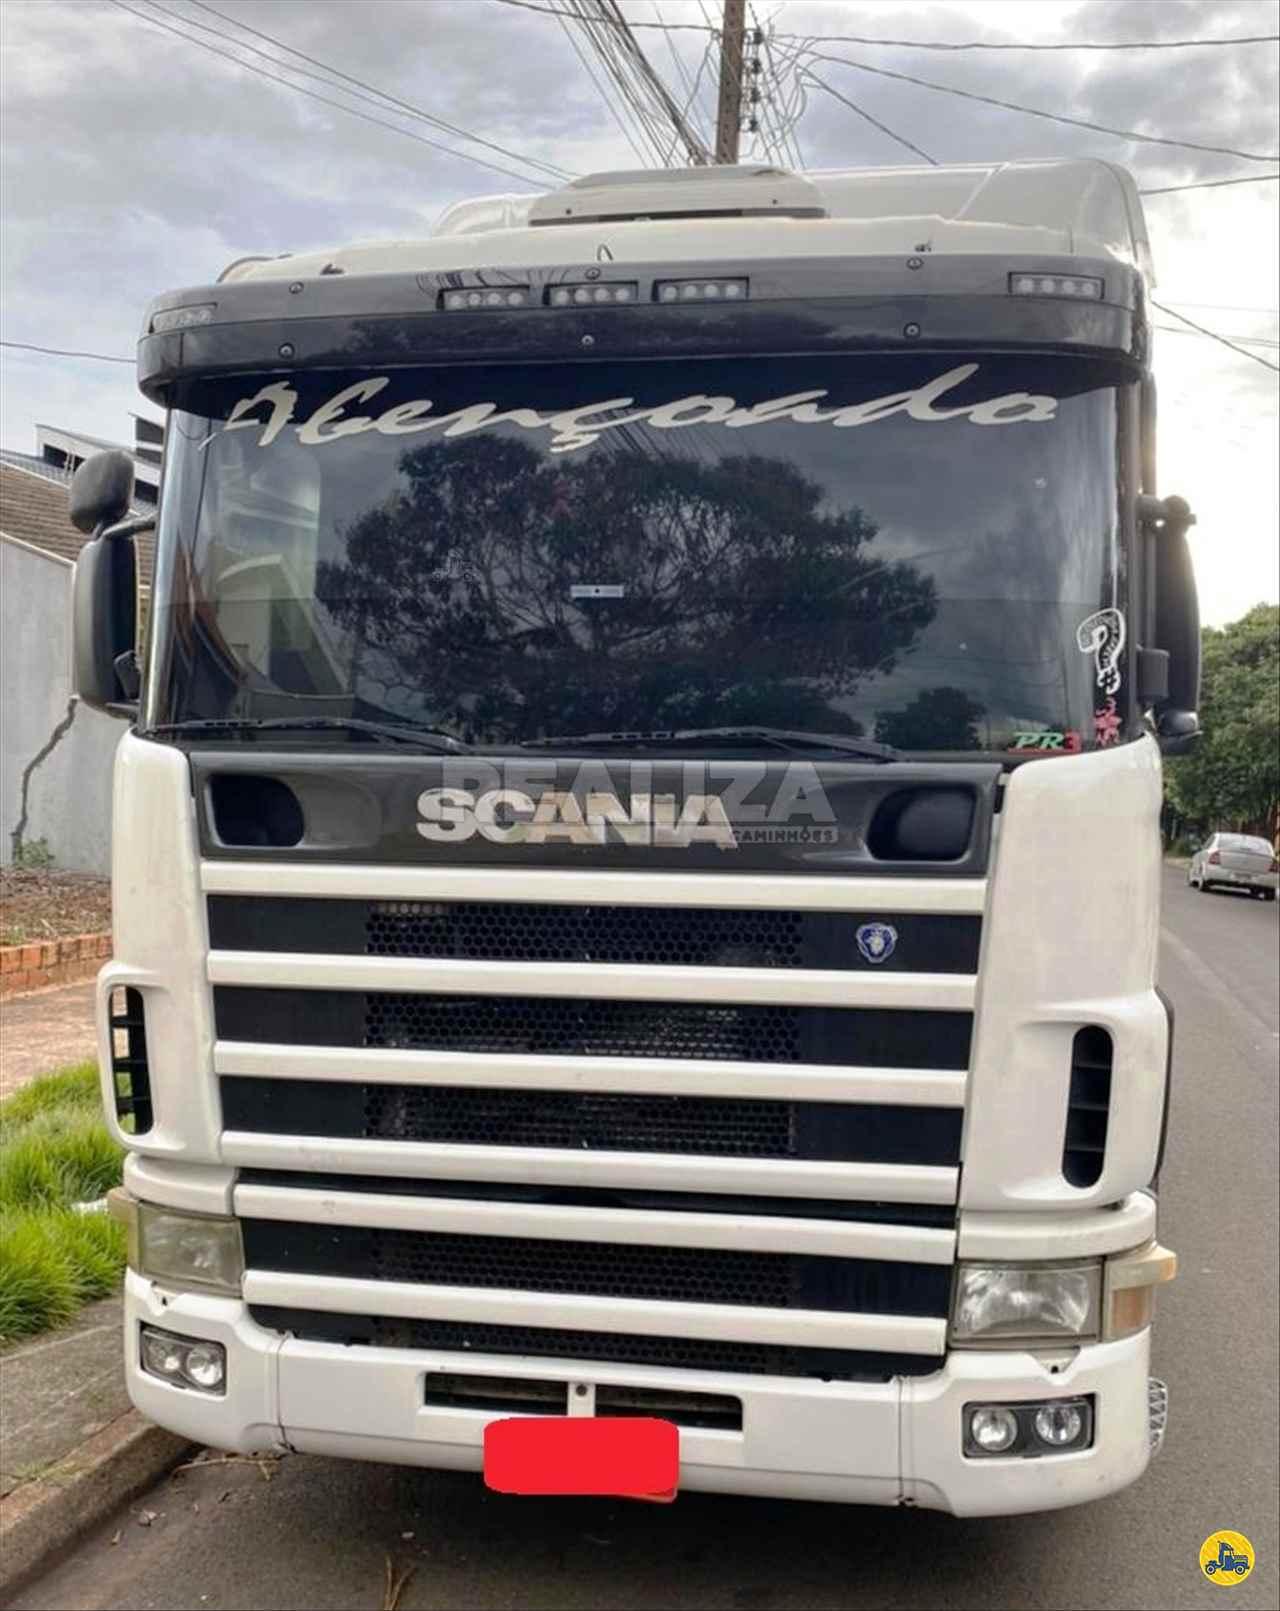 CAMINHAO SCANIA SCANIA 124 420 Cavalo Mecânico Truck 6x2 Realiza Caminhões - Umuarama UMUARAMA PARANÁ PR